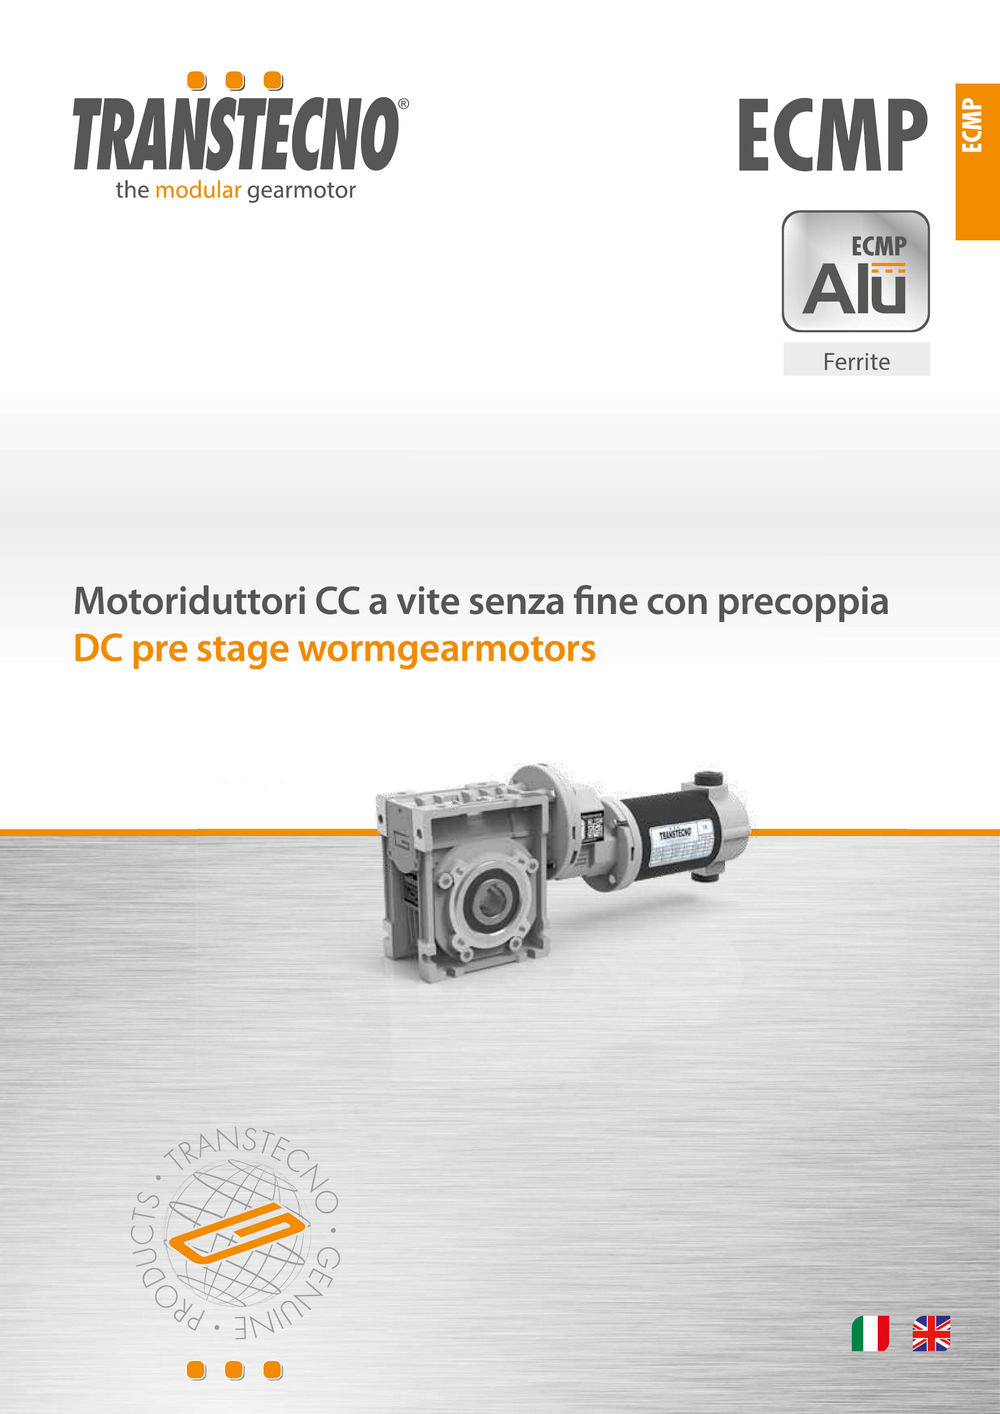 Цилиндро-червячный мотор-редуктор с двигателем постоянного тока.